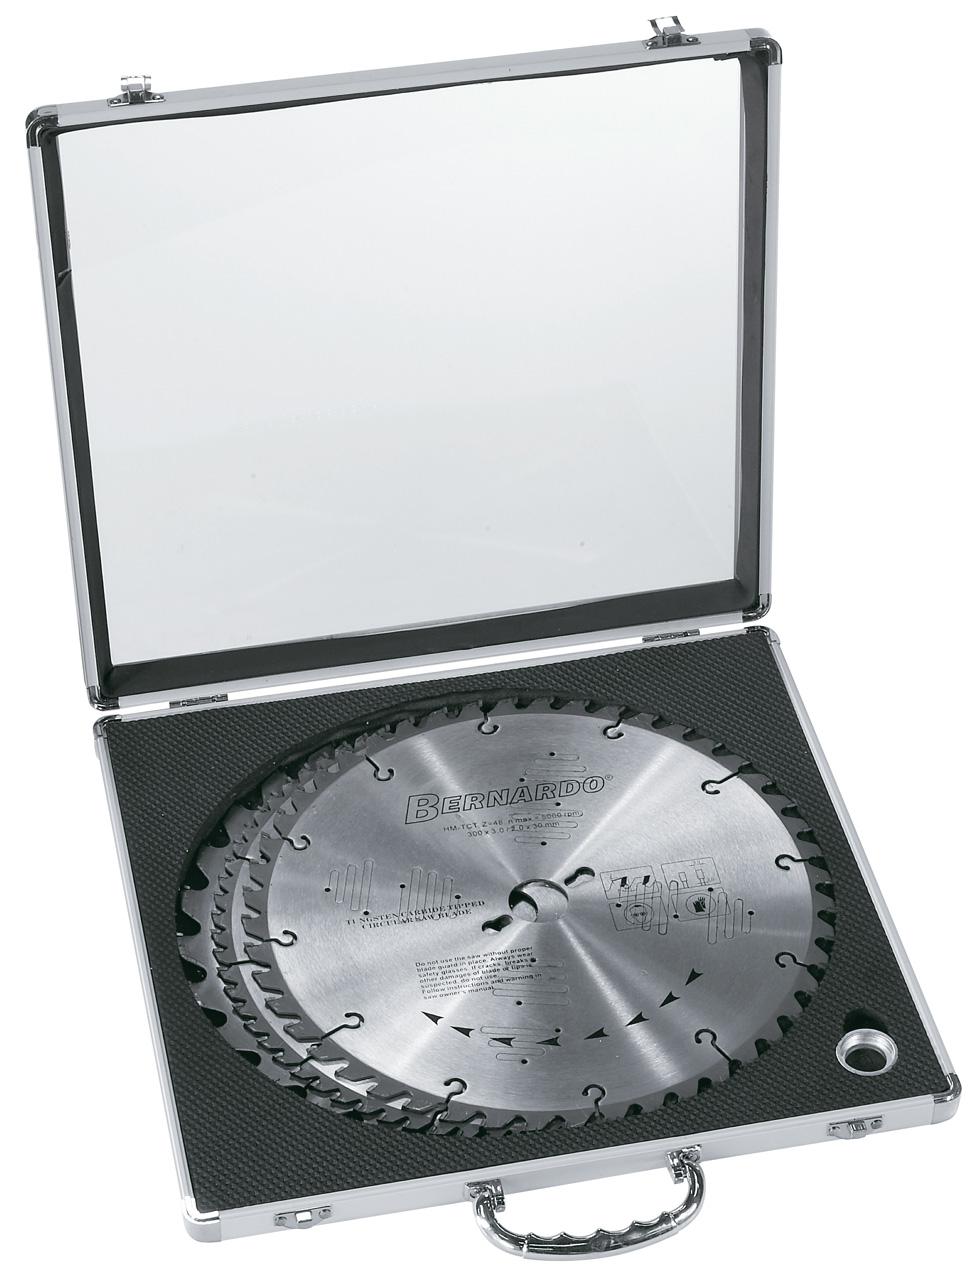 Sæt med rundsavsklinger (250 mm), i aluminium kasse